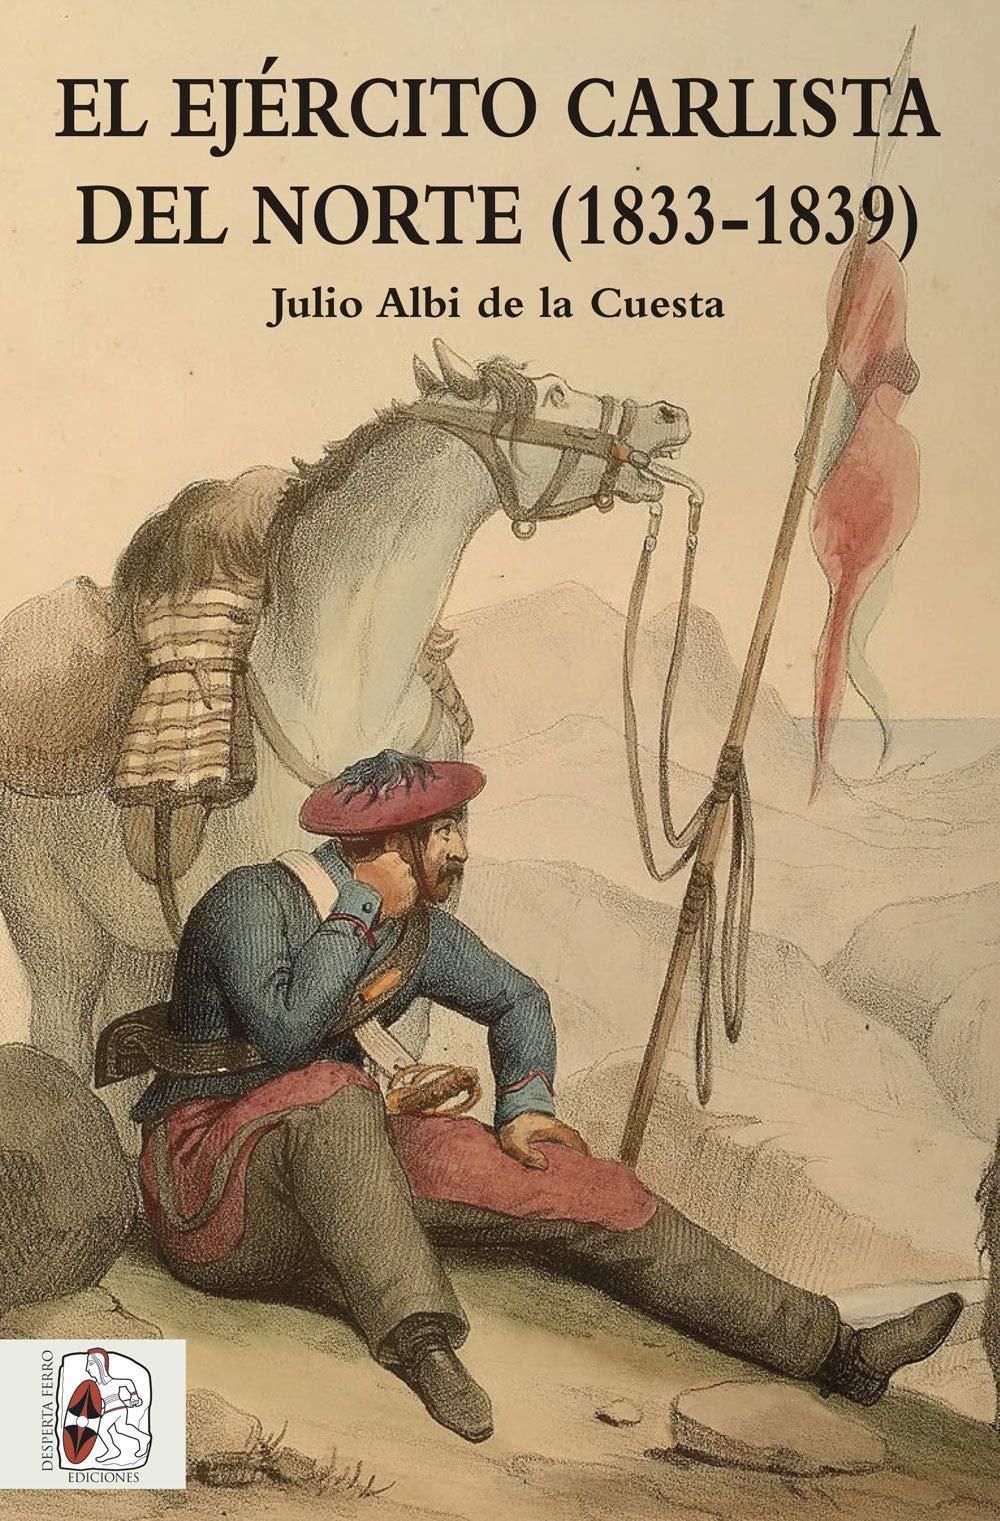 El ejército carlista del Norte. 1833 - 1839 Historia de España ...